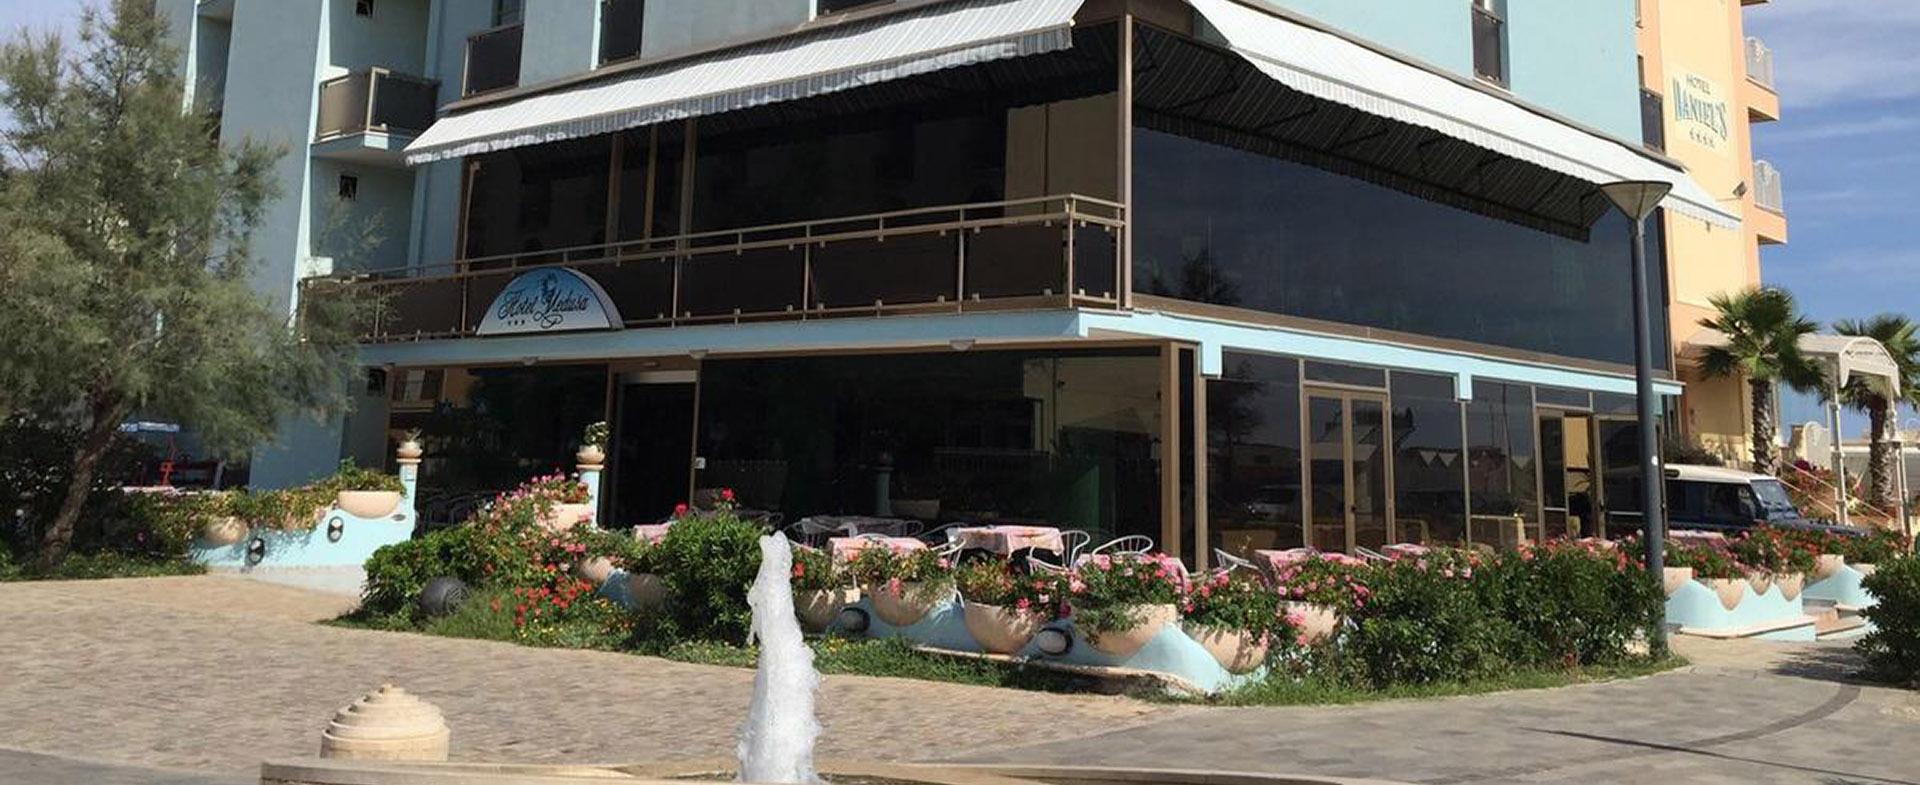 hotel Medusa a Misano Adriatico